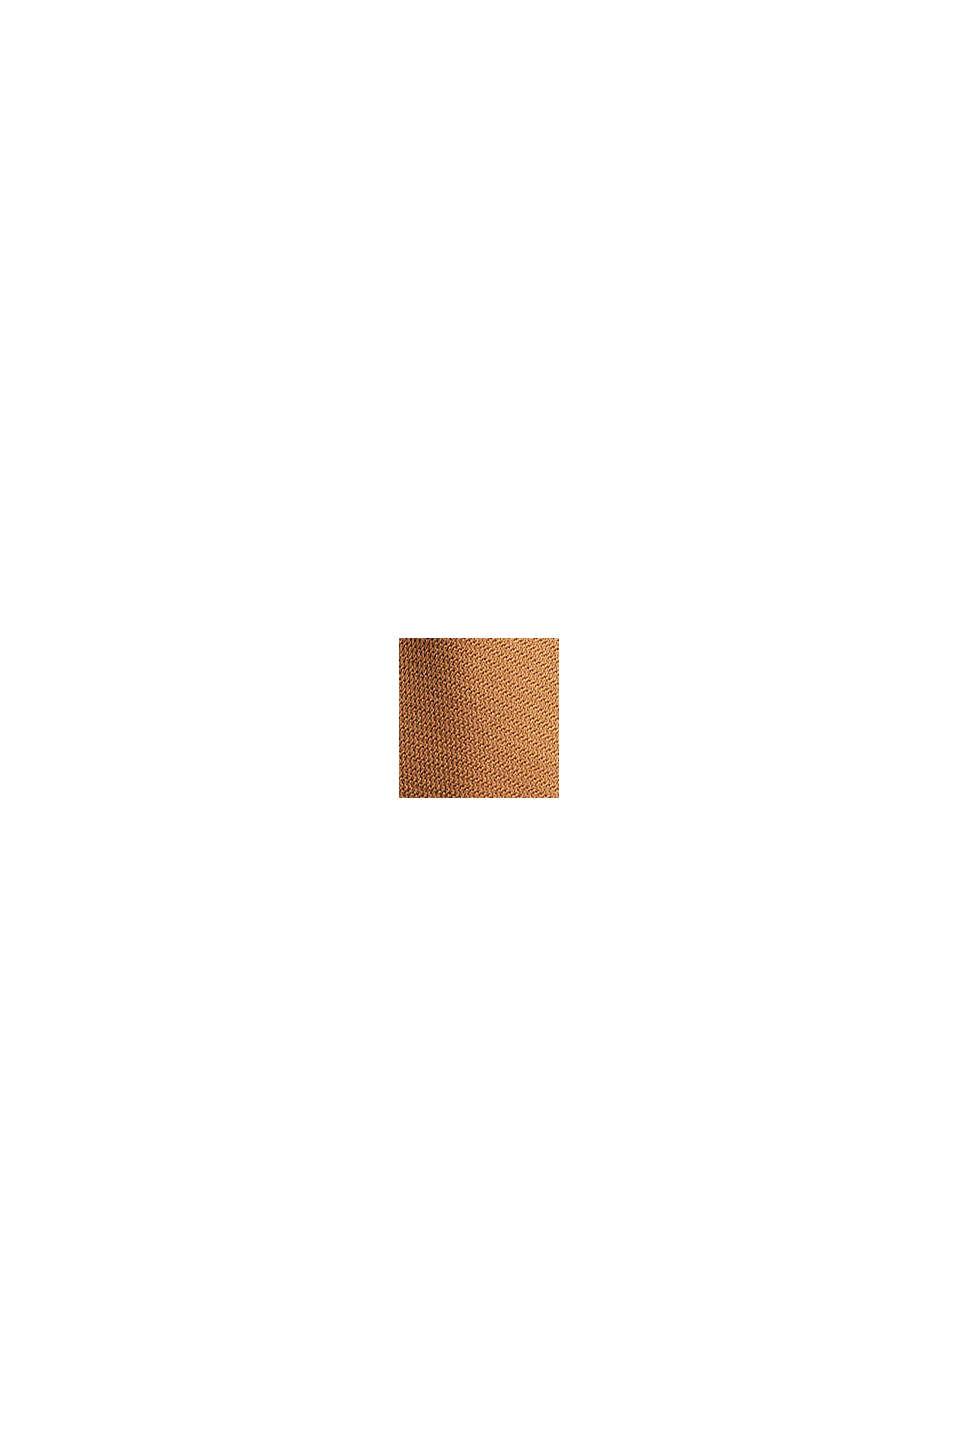 Abrigo 3 en 1 regulable con mezcla de algodón, BARK, swatch